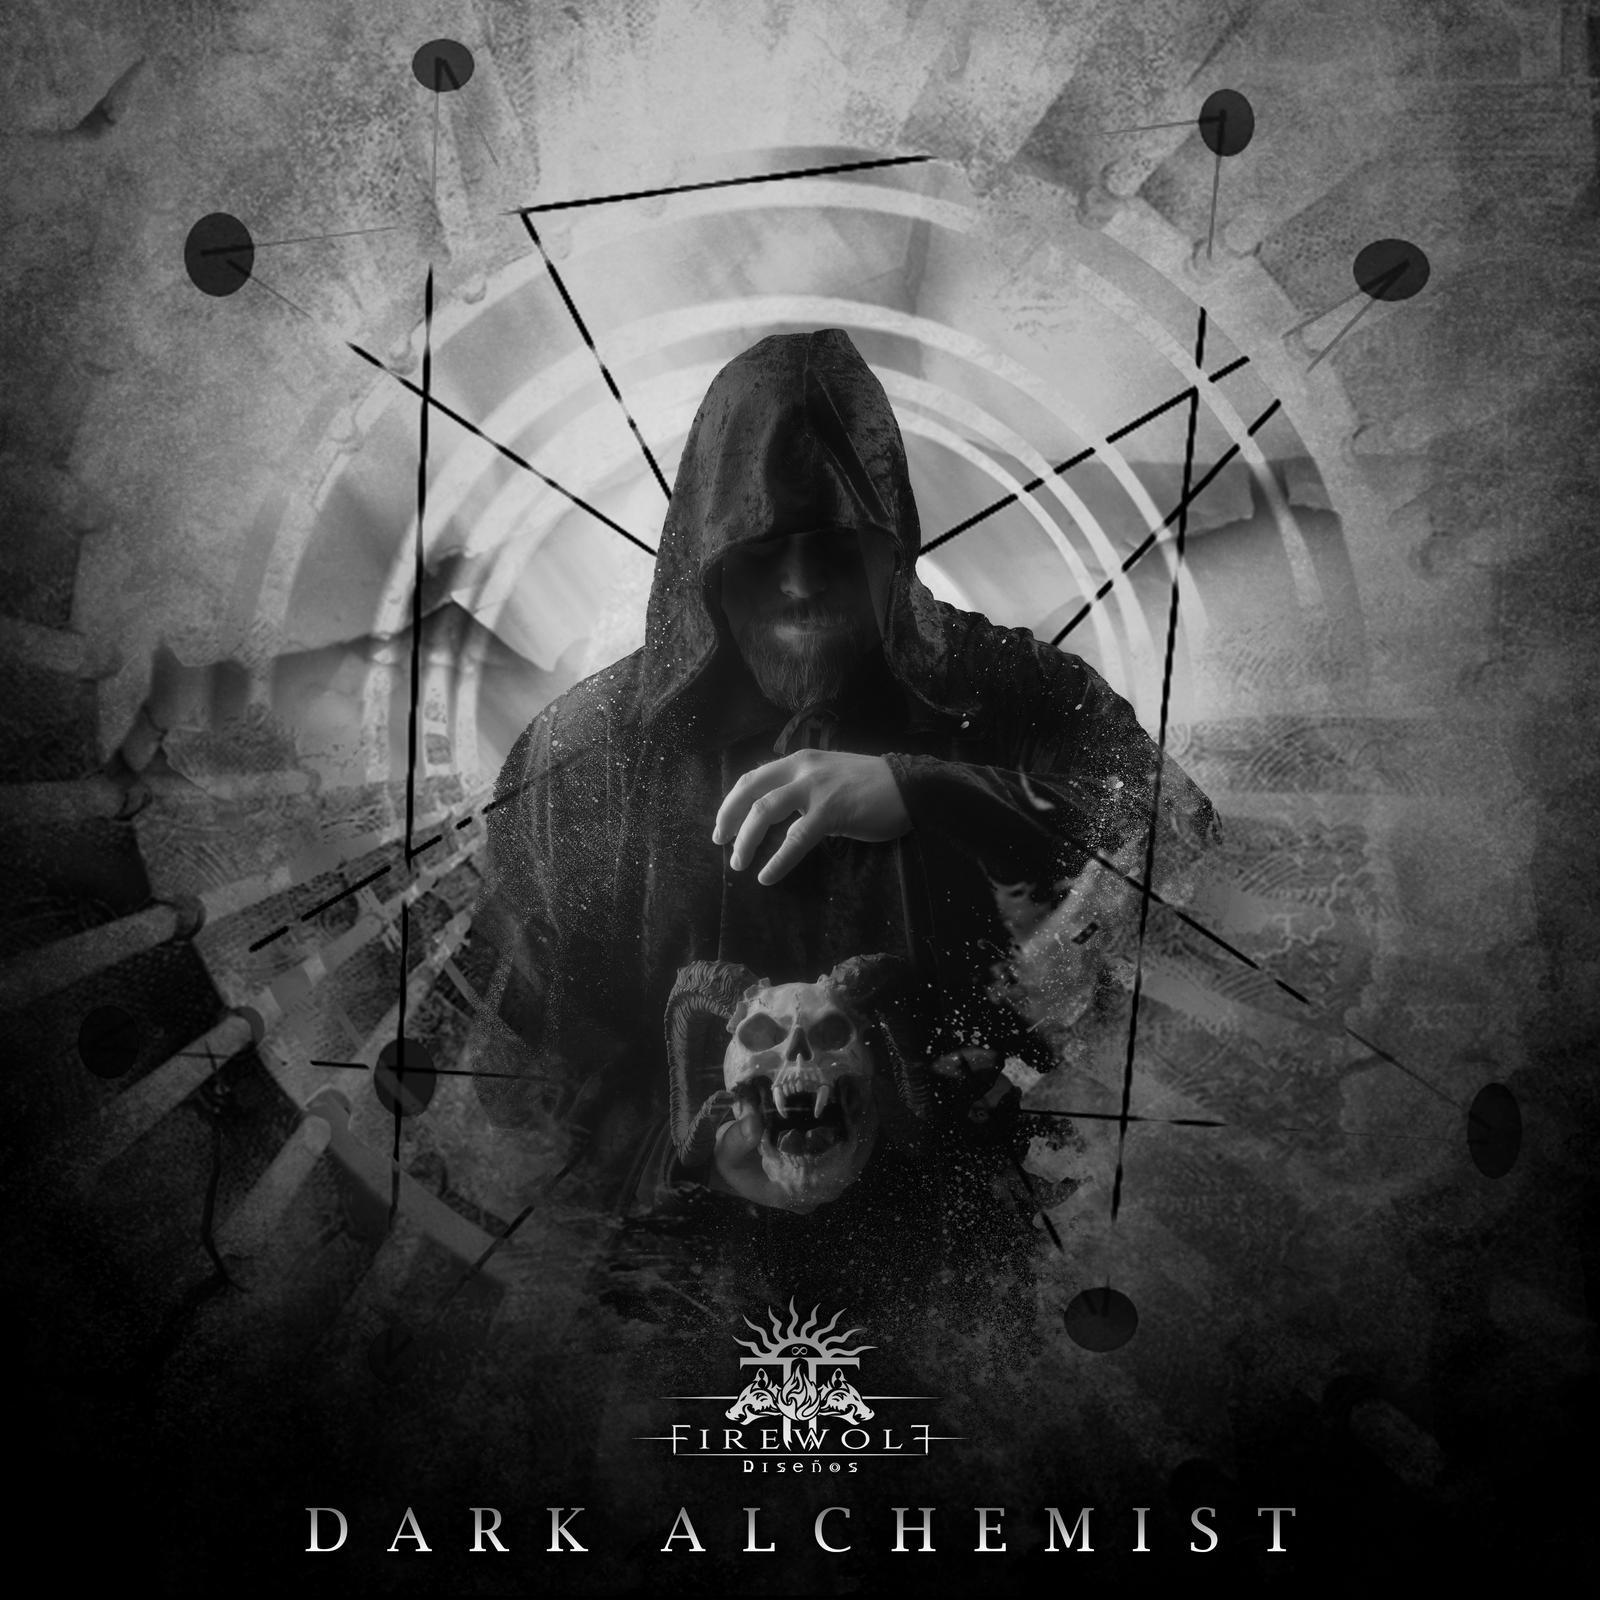 Dark Alchemist by FirewolfDigitalArt on DeviantArt